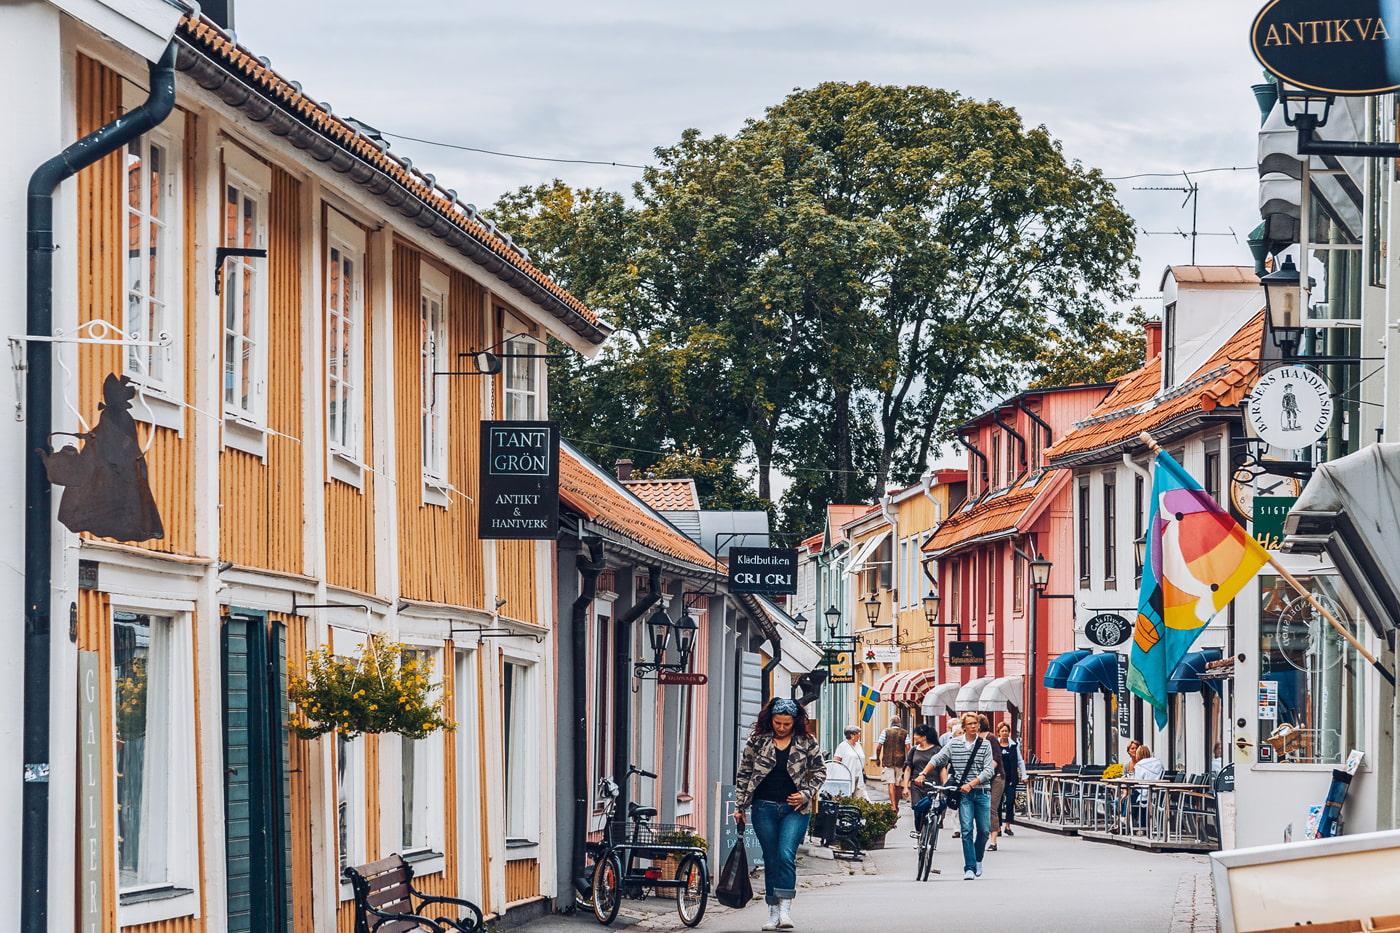 Stora Gatan, Signtuna - Oldest street in Sweden